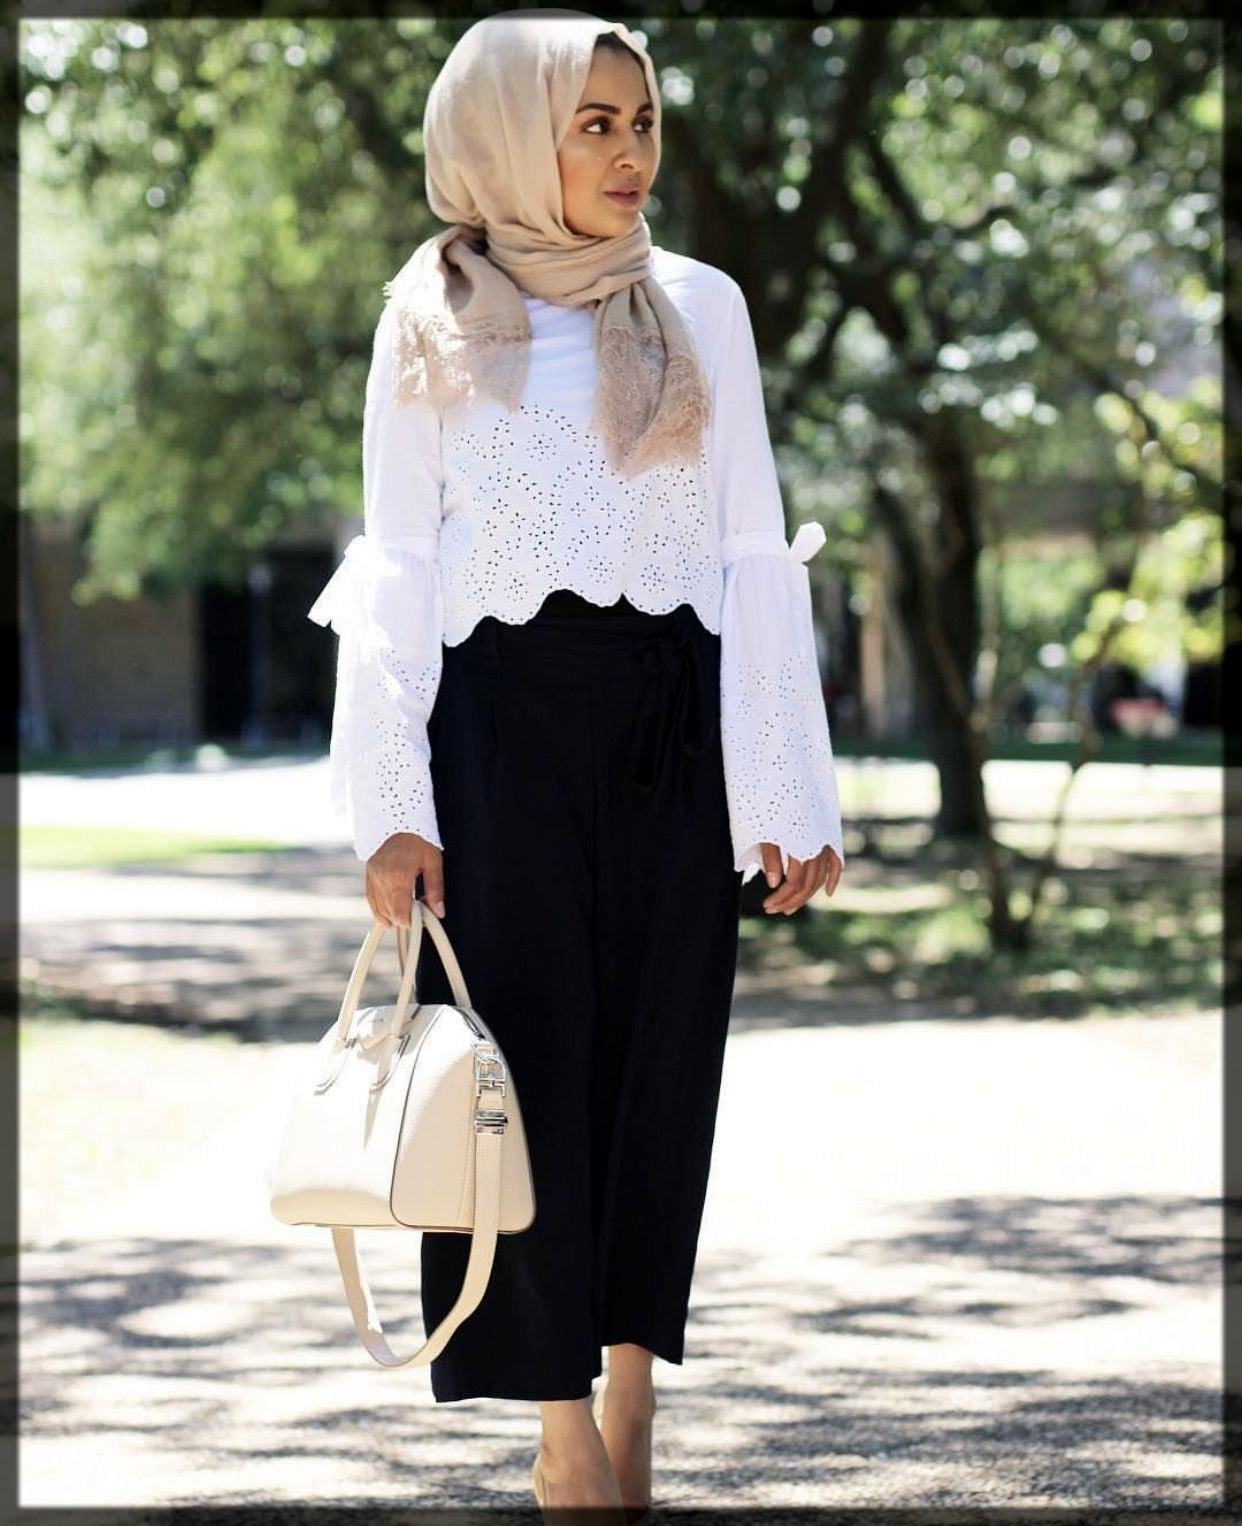 Palazzo Pants And Short Shirt With Hijab